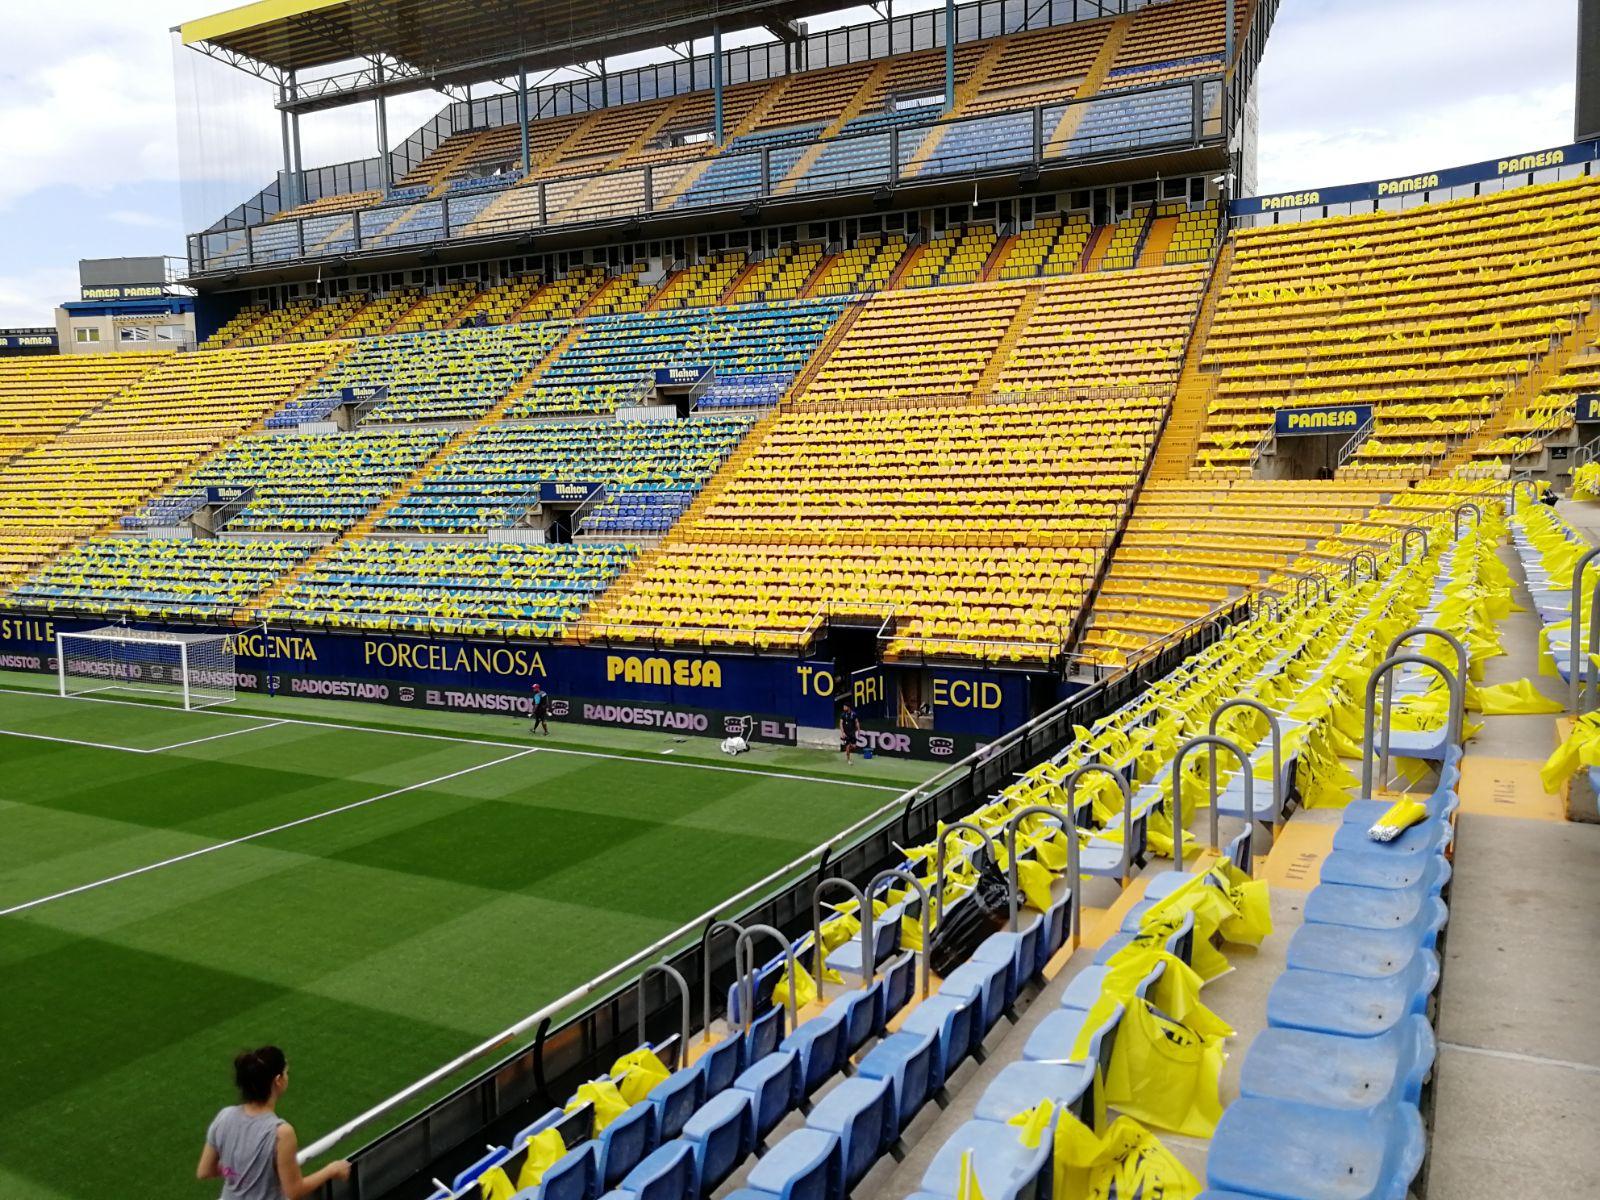 banderitas madrigal - Miles de banderitas para recibir al Villarreal en el derbi